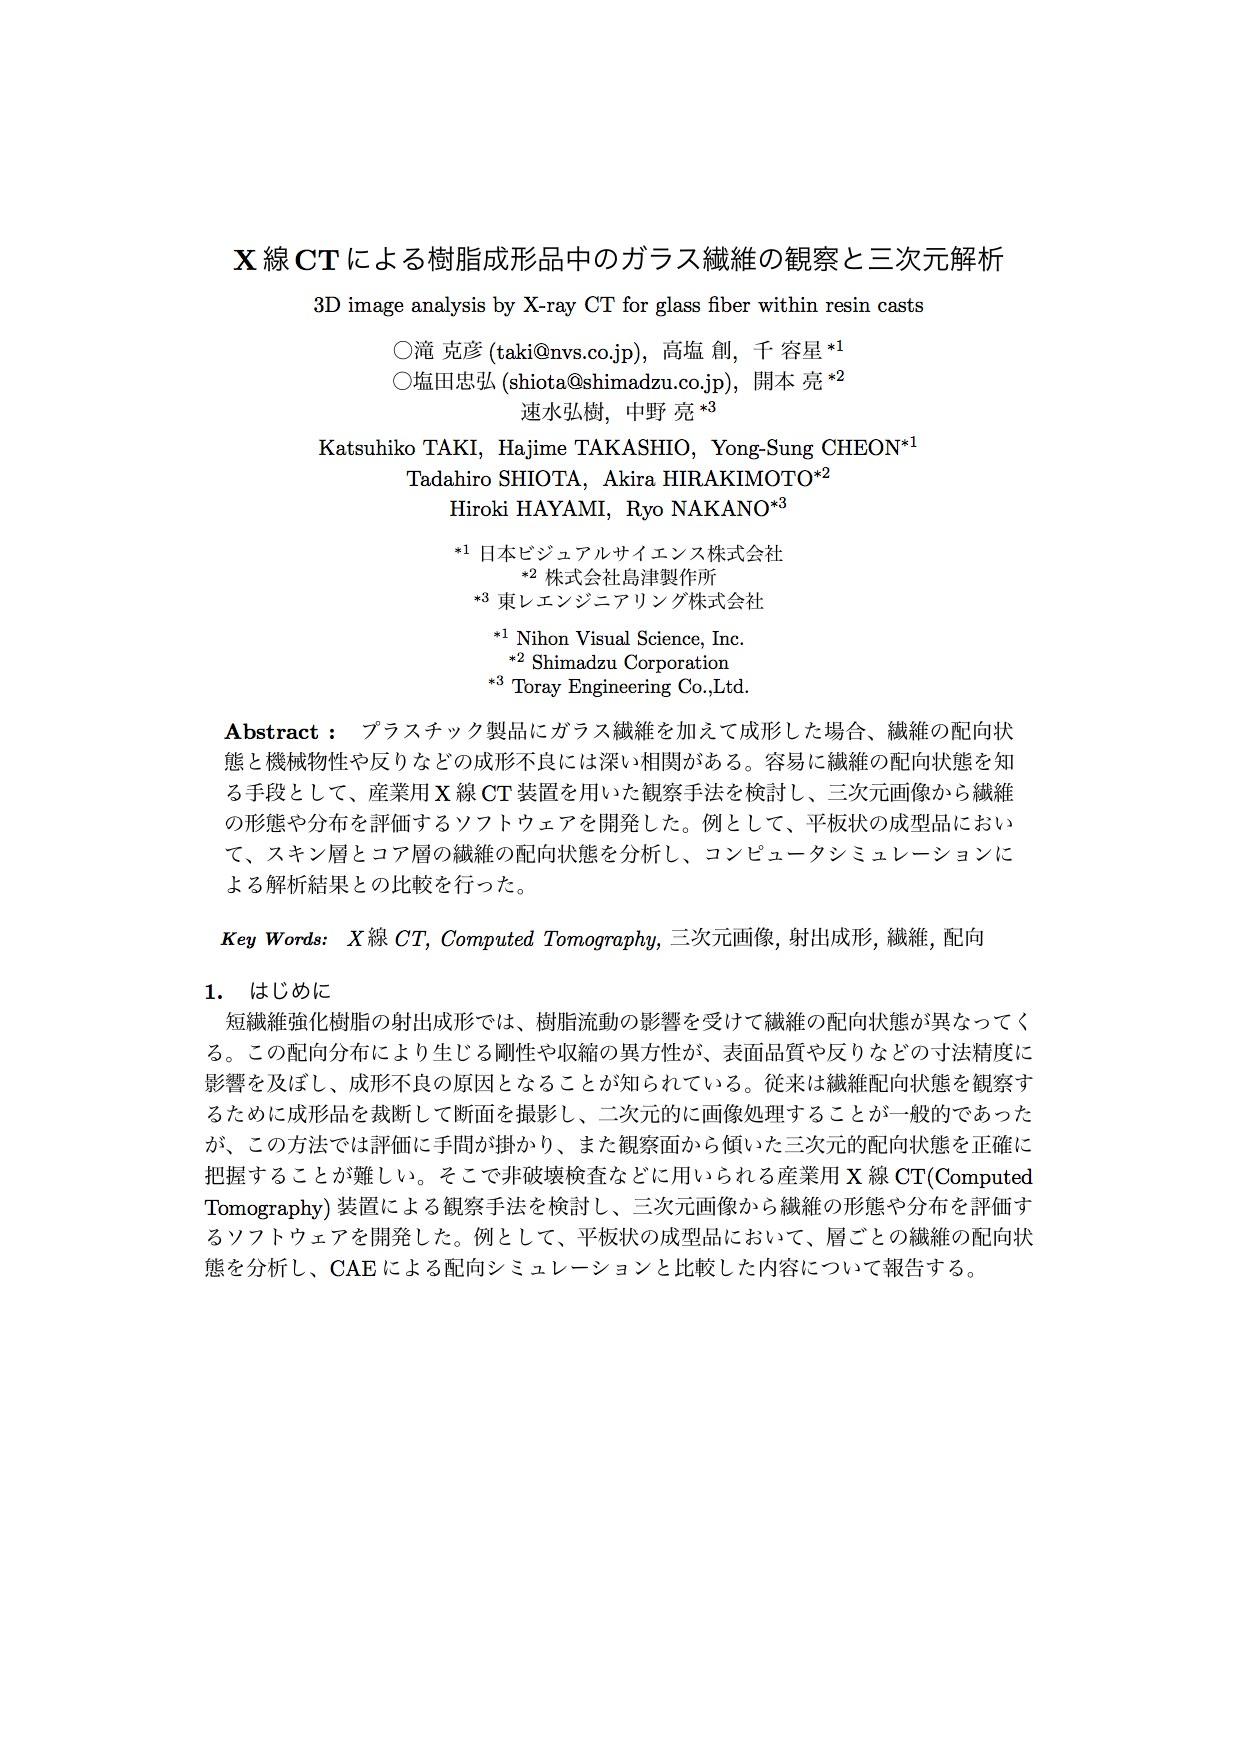 X線CTによる樹脂成形品中のガラス繊維の観察と三次元解析 速水 弘樹、中野 亮(東レエンジニアリング)、滝 克彦(日本ビジュアルサイエンス)ほか 『成型加工』、プラスチック成型加工学会、Vol.20、No.4、2008、pp.237-241、(2008).